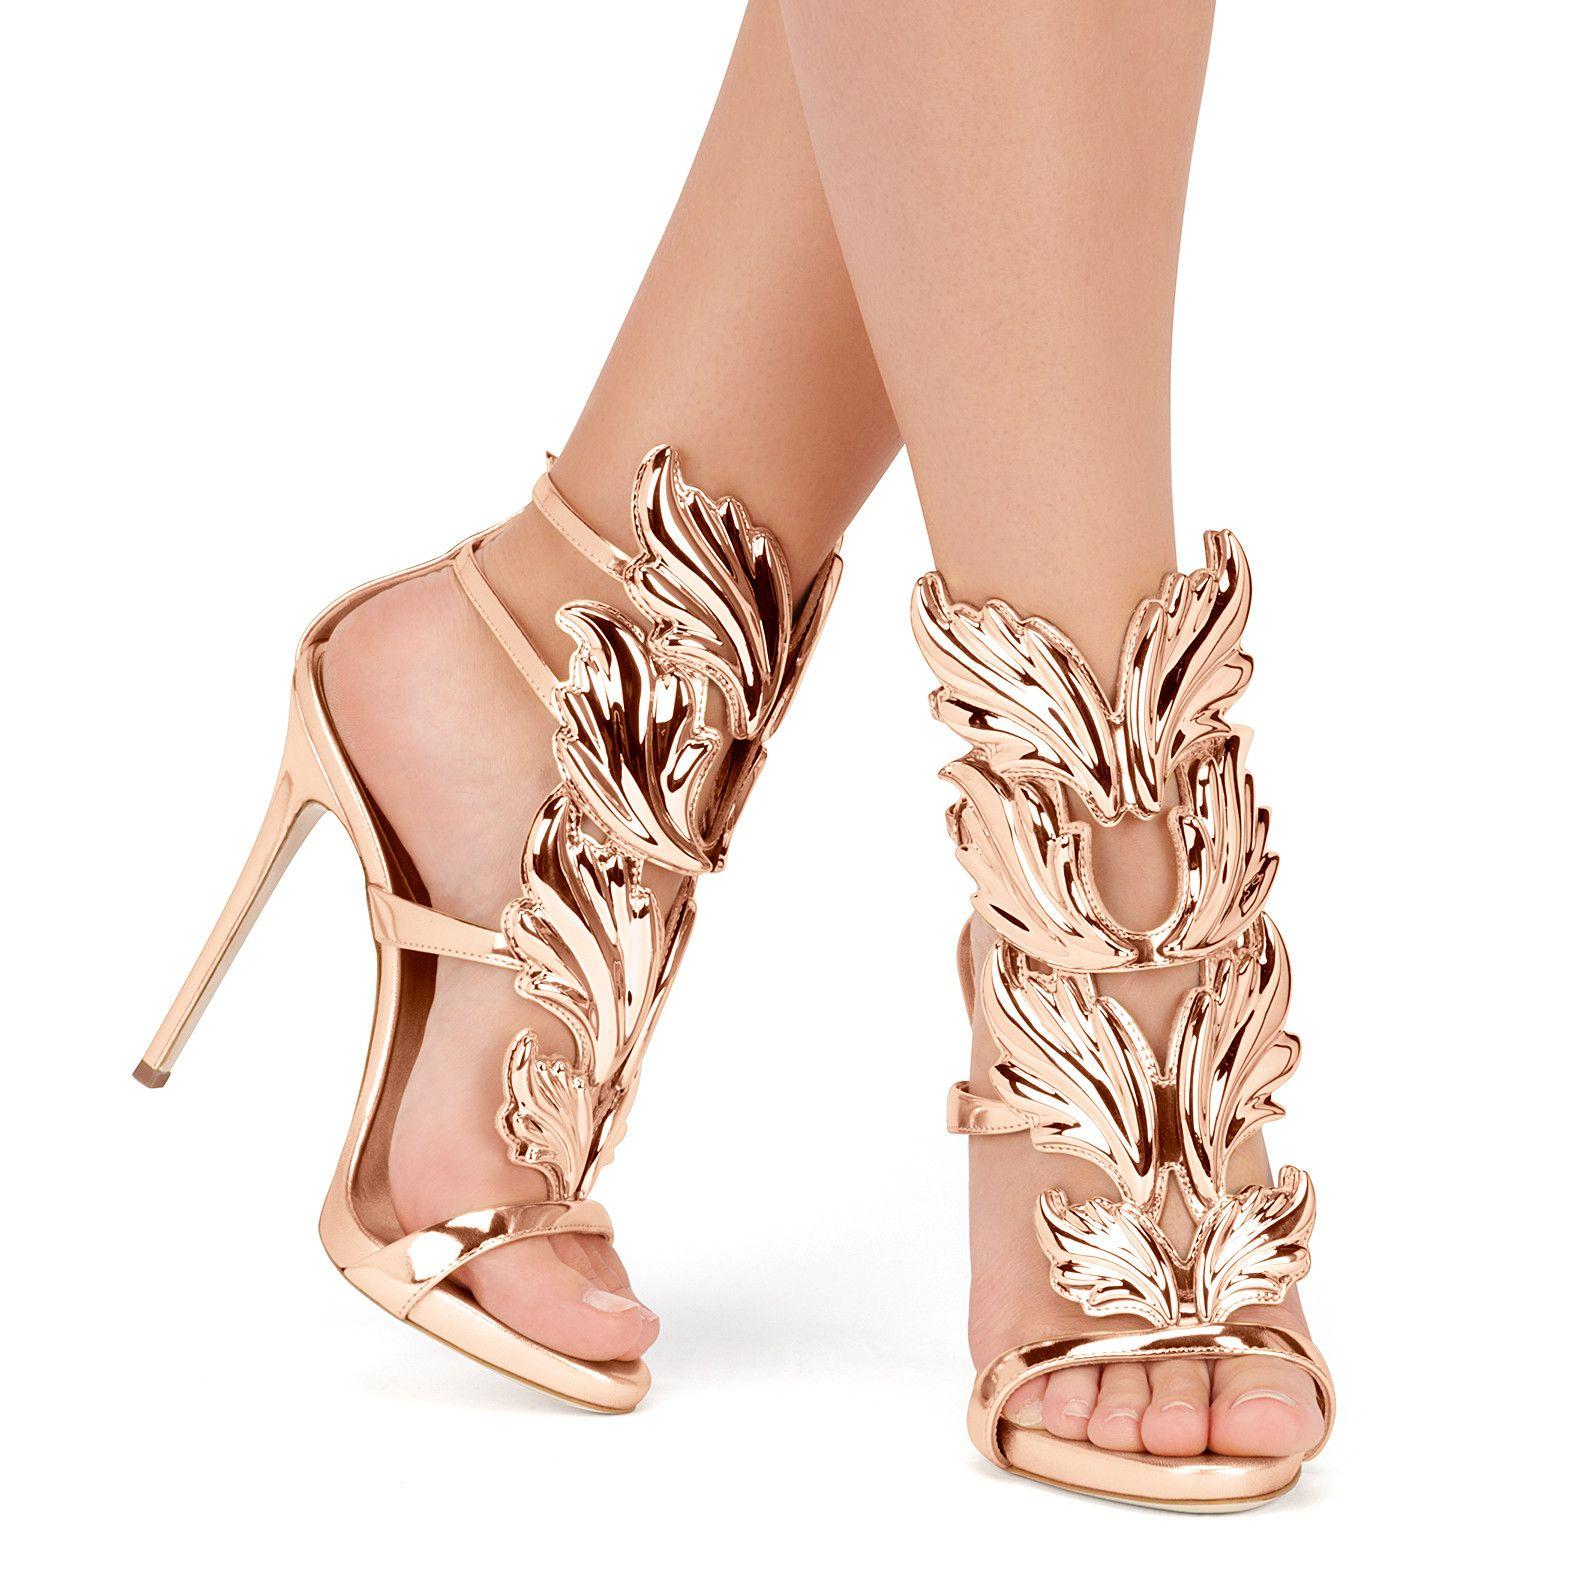 fd9ba79c6a70 GIUSEPPE ZANOTTI- CRUEL Mirrored rose gold leather  Cruel  sandal ...